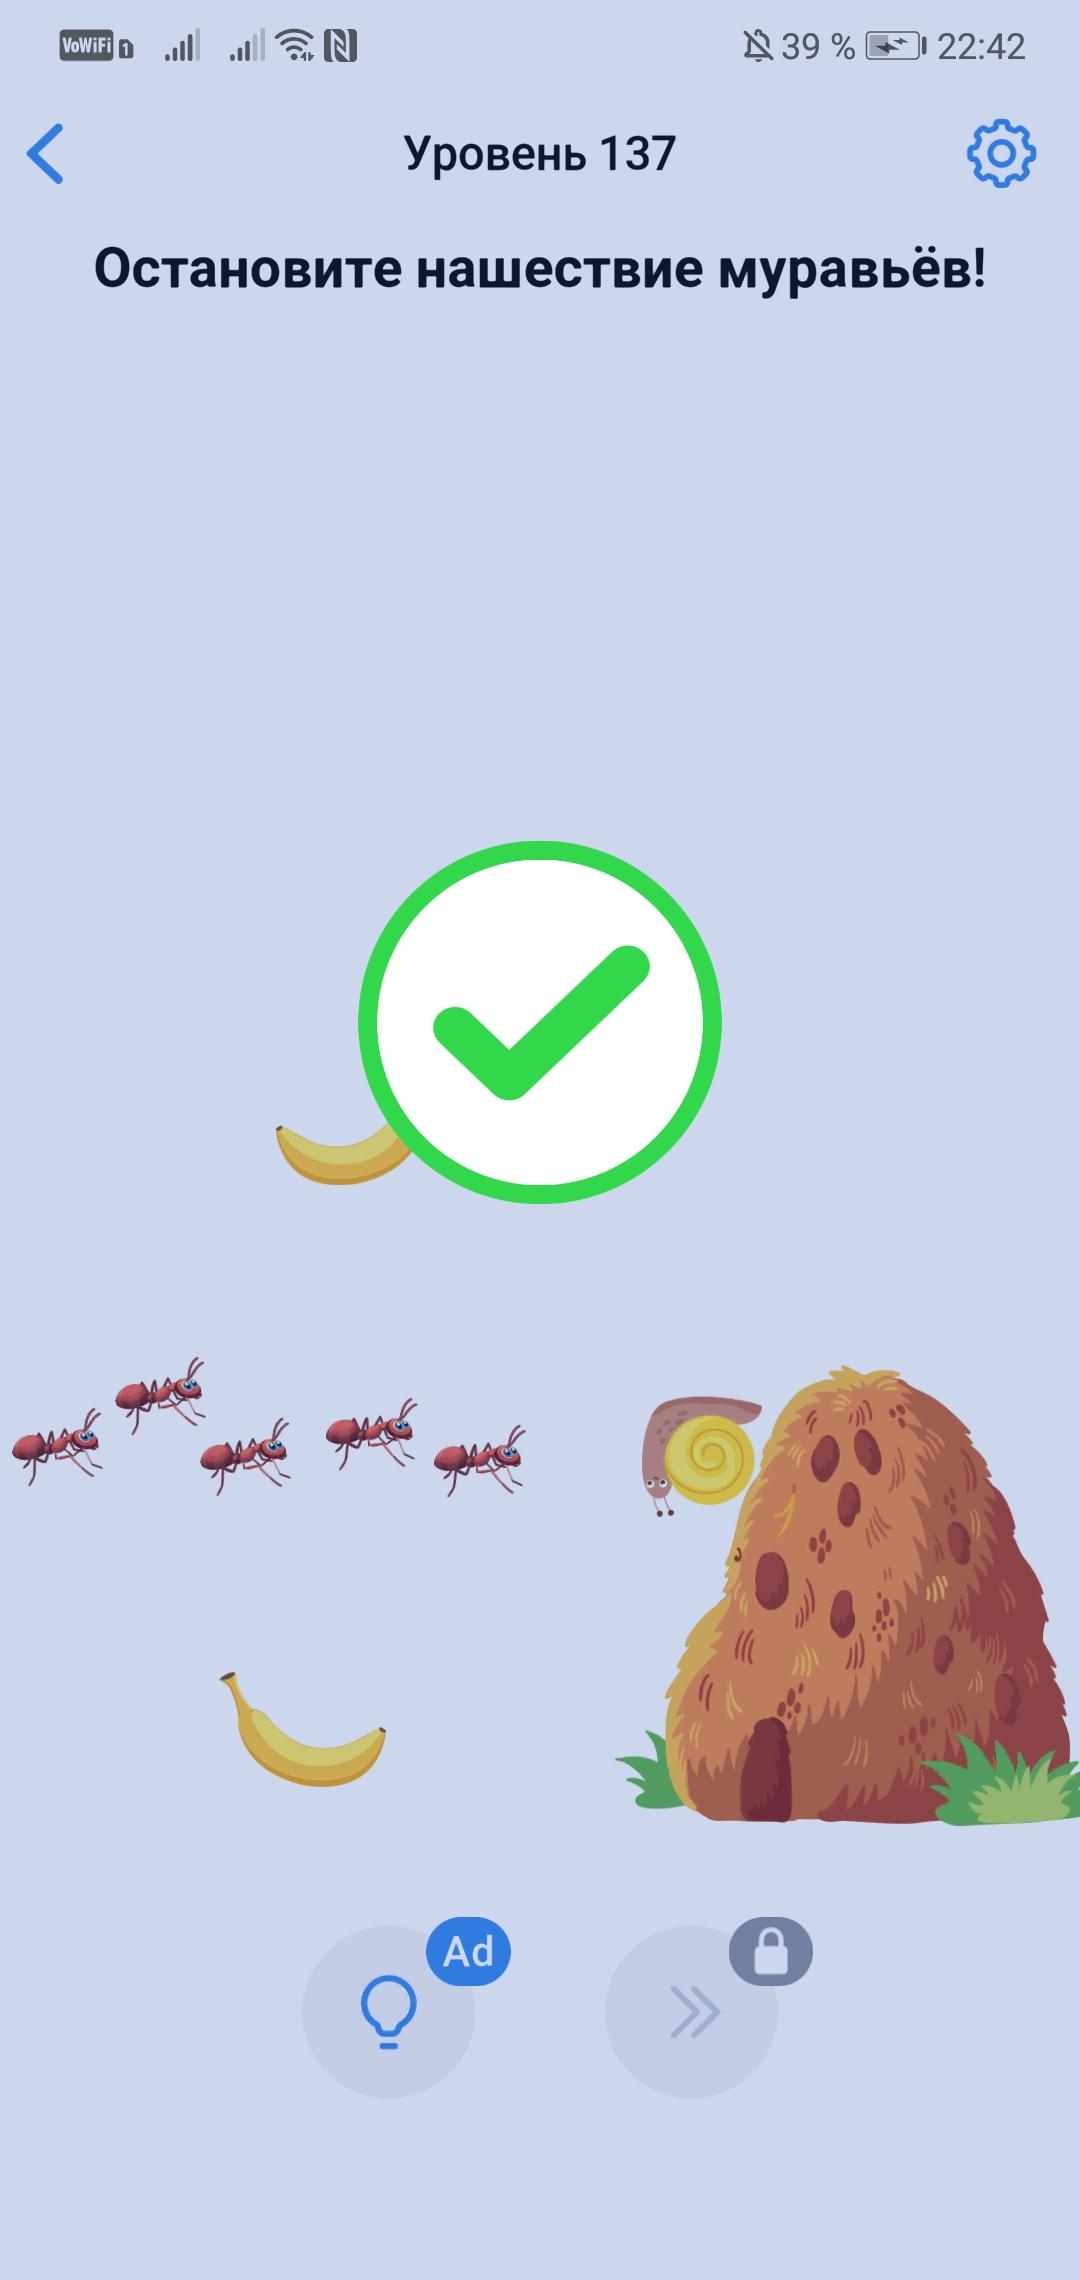 Easy Game - 137 уровень - Остановите нашествие муравьёв.